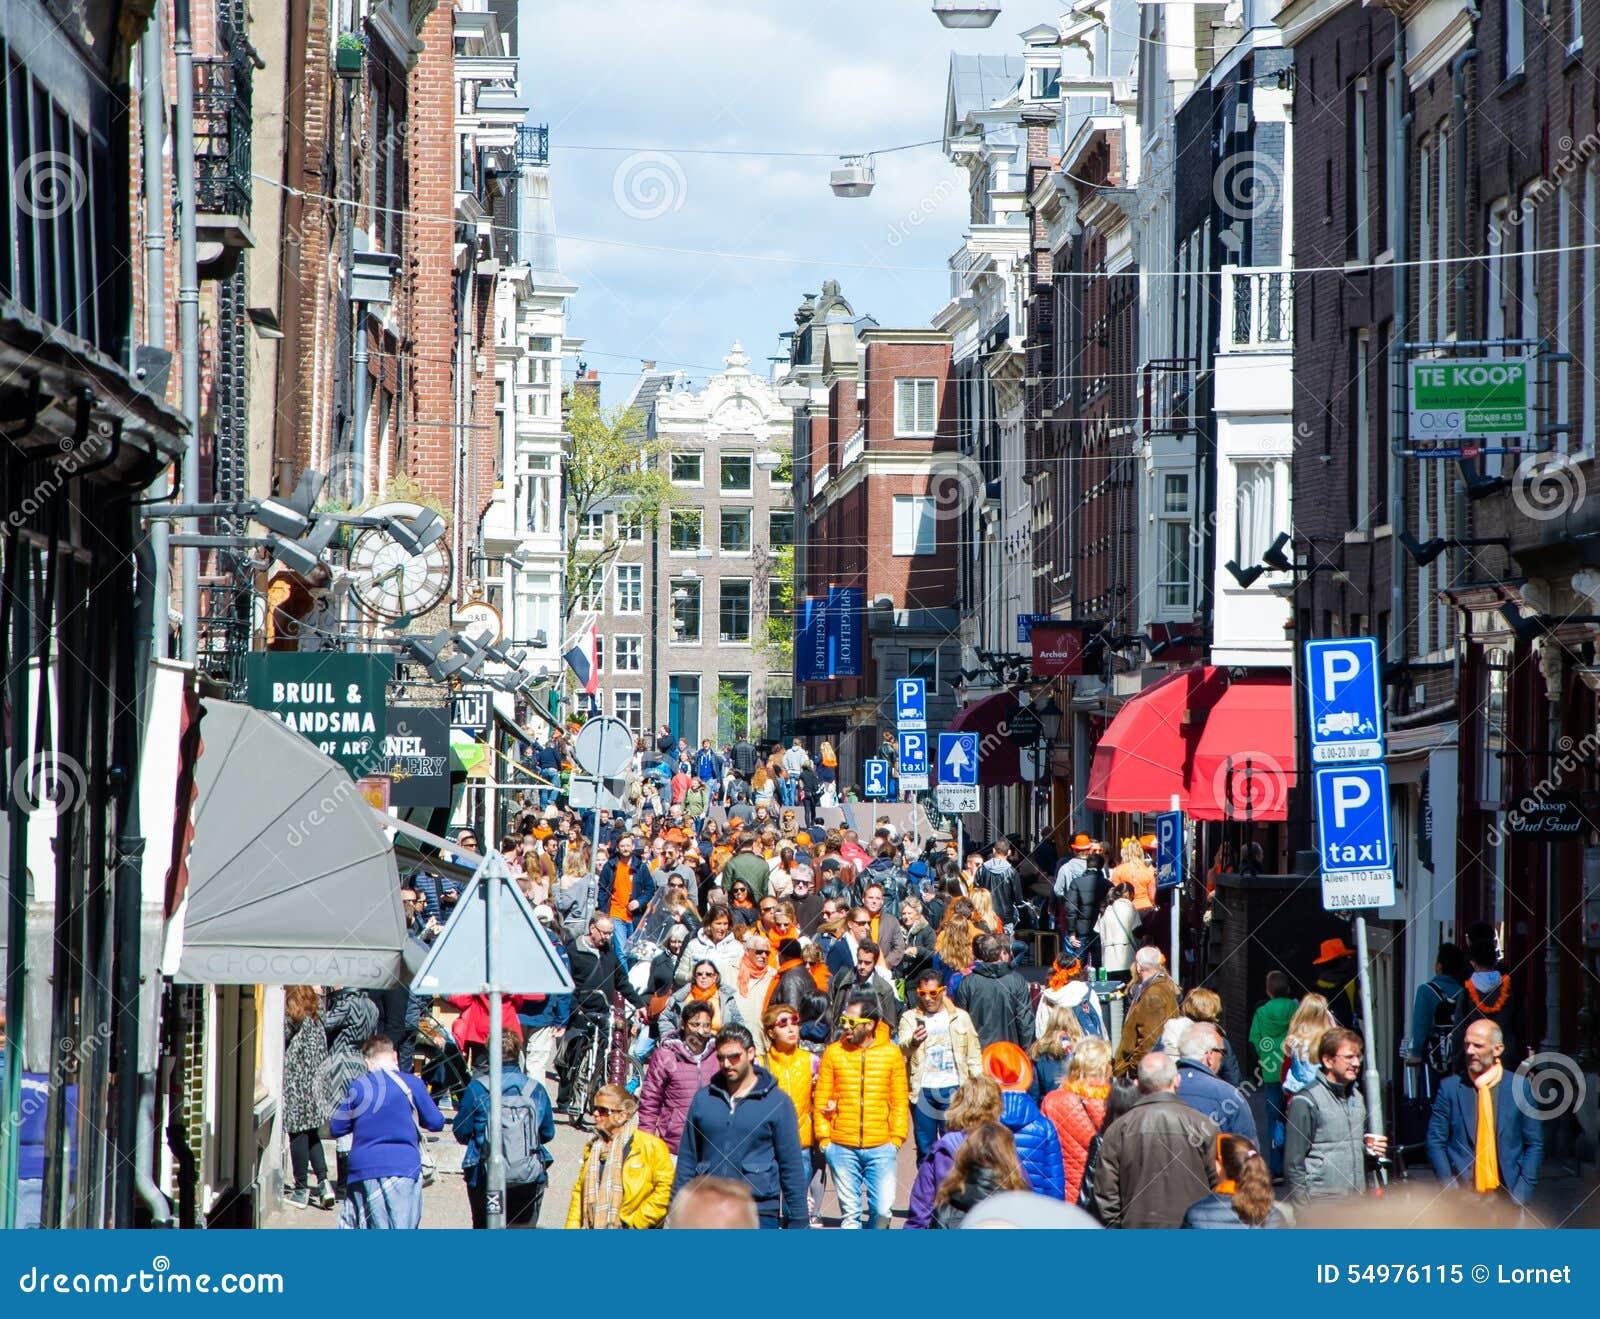 ΑΜΣΤΕΡΝΤΑΜ 27 ΑΠΡΙΛΊΟΥ: Οι άνθρωποι στο δρόμο με έντονη κίνηση του Άμστερνταμ γιορτάζουν την ημέρα τον Απρίλιο 27.2015, οι Κάτω Χ